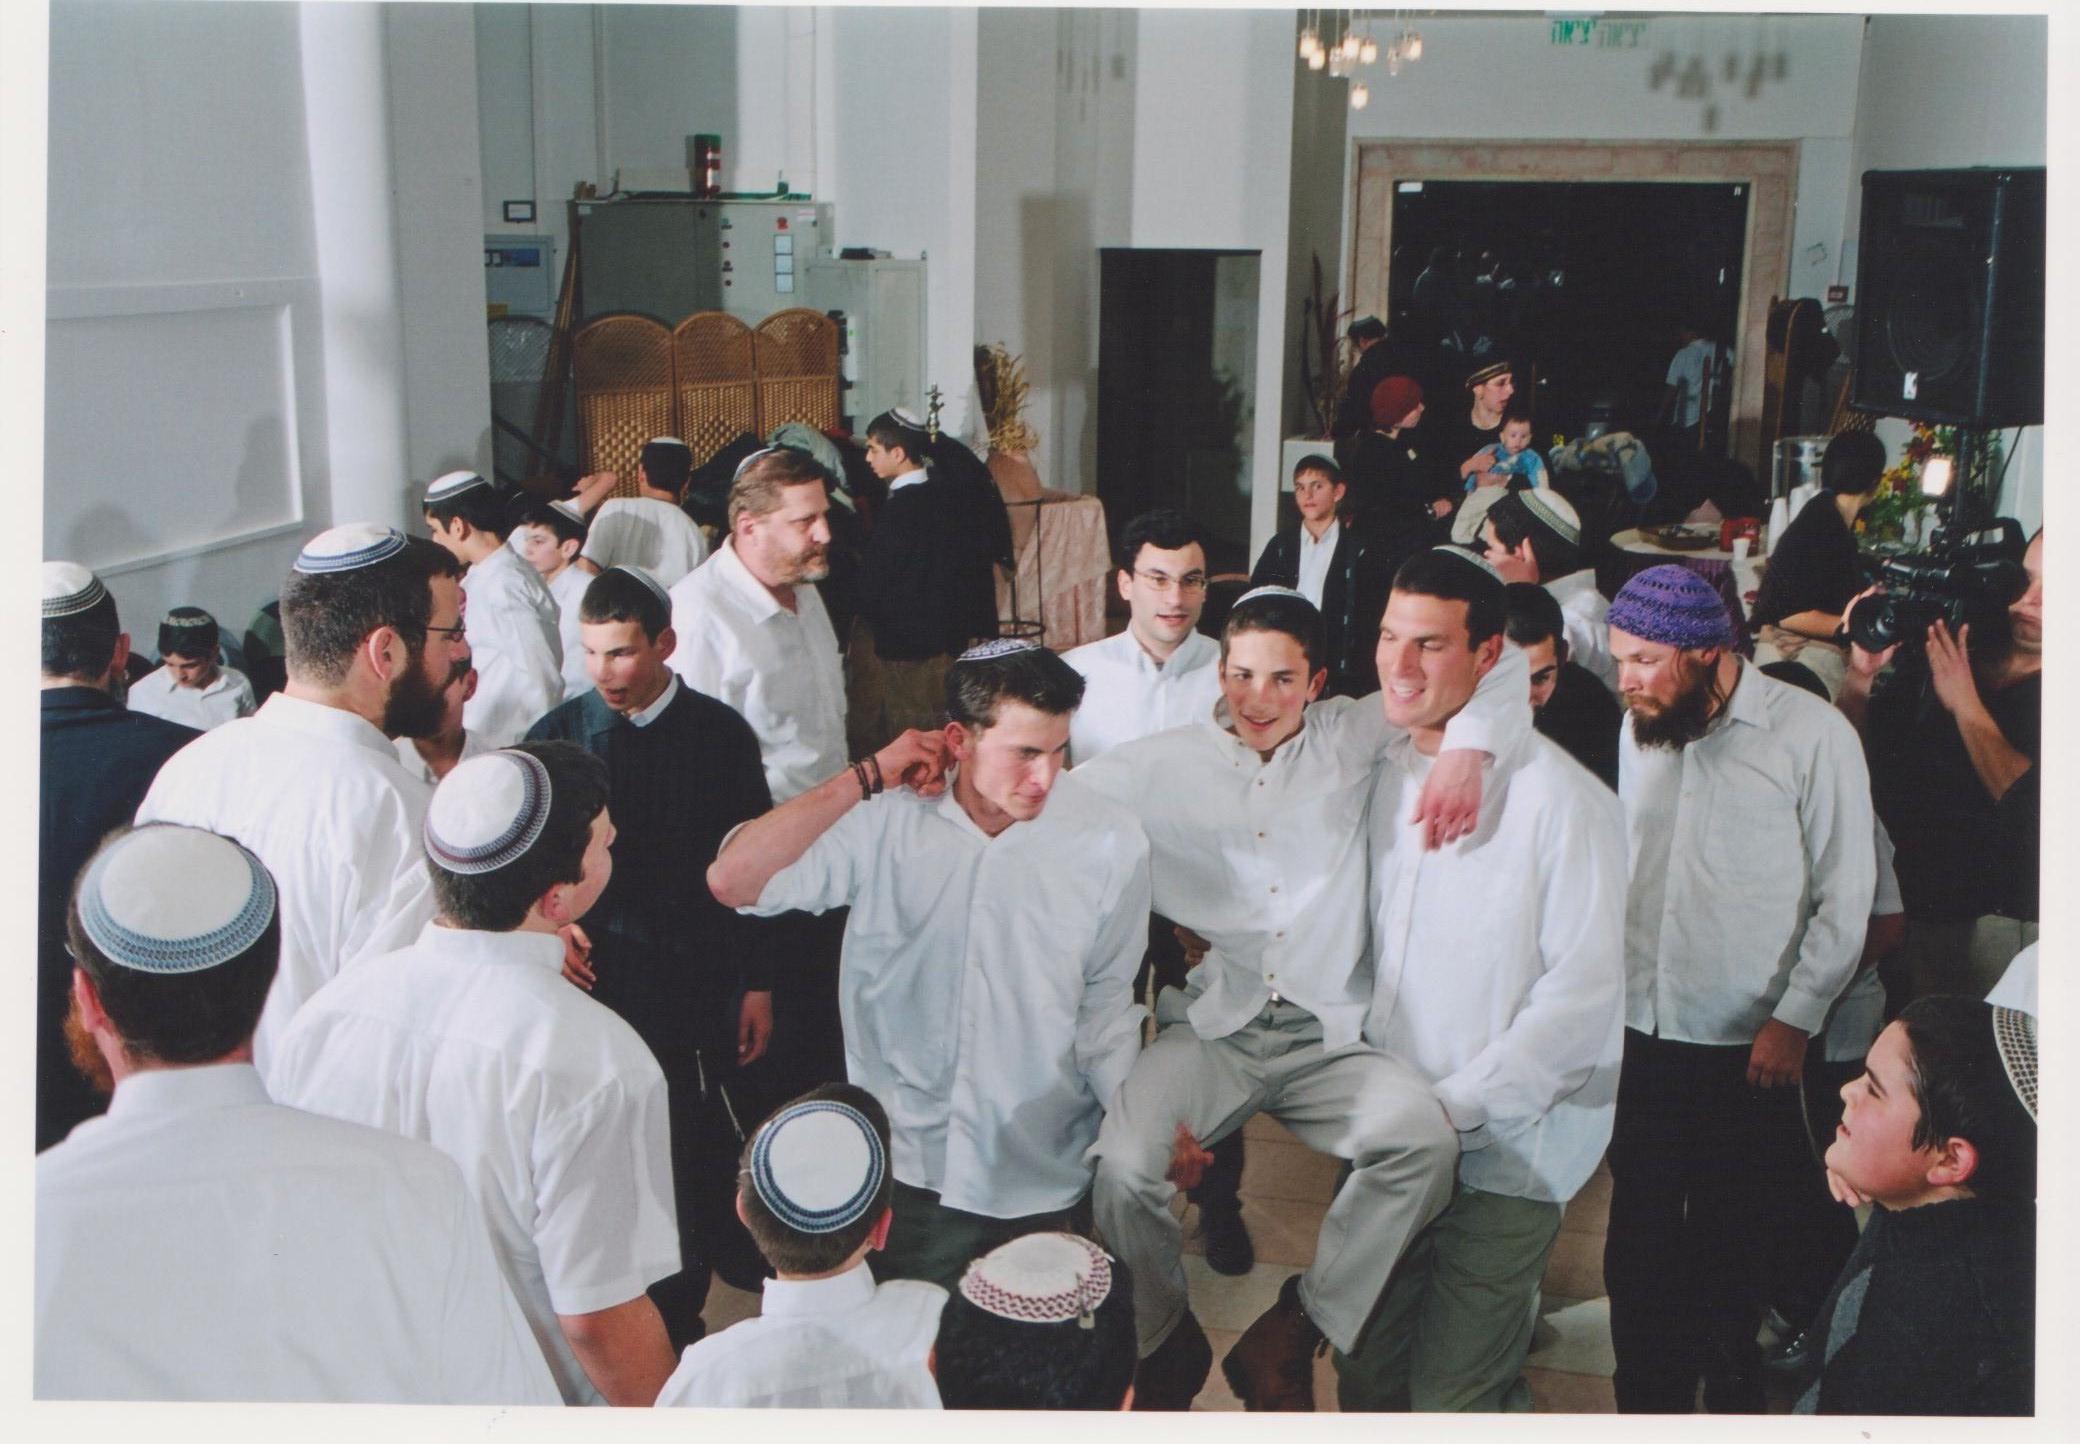 שבט תשסד שלמה בריקודים בבר מצווה של חגי